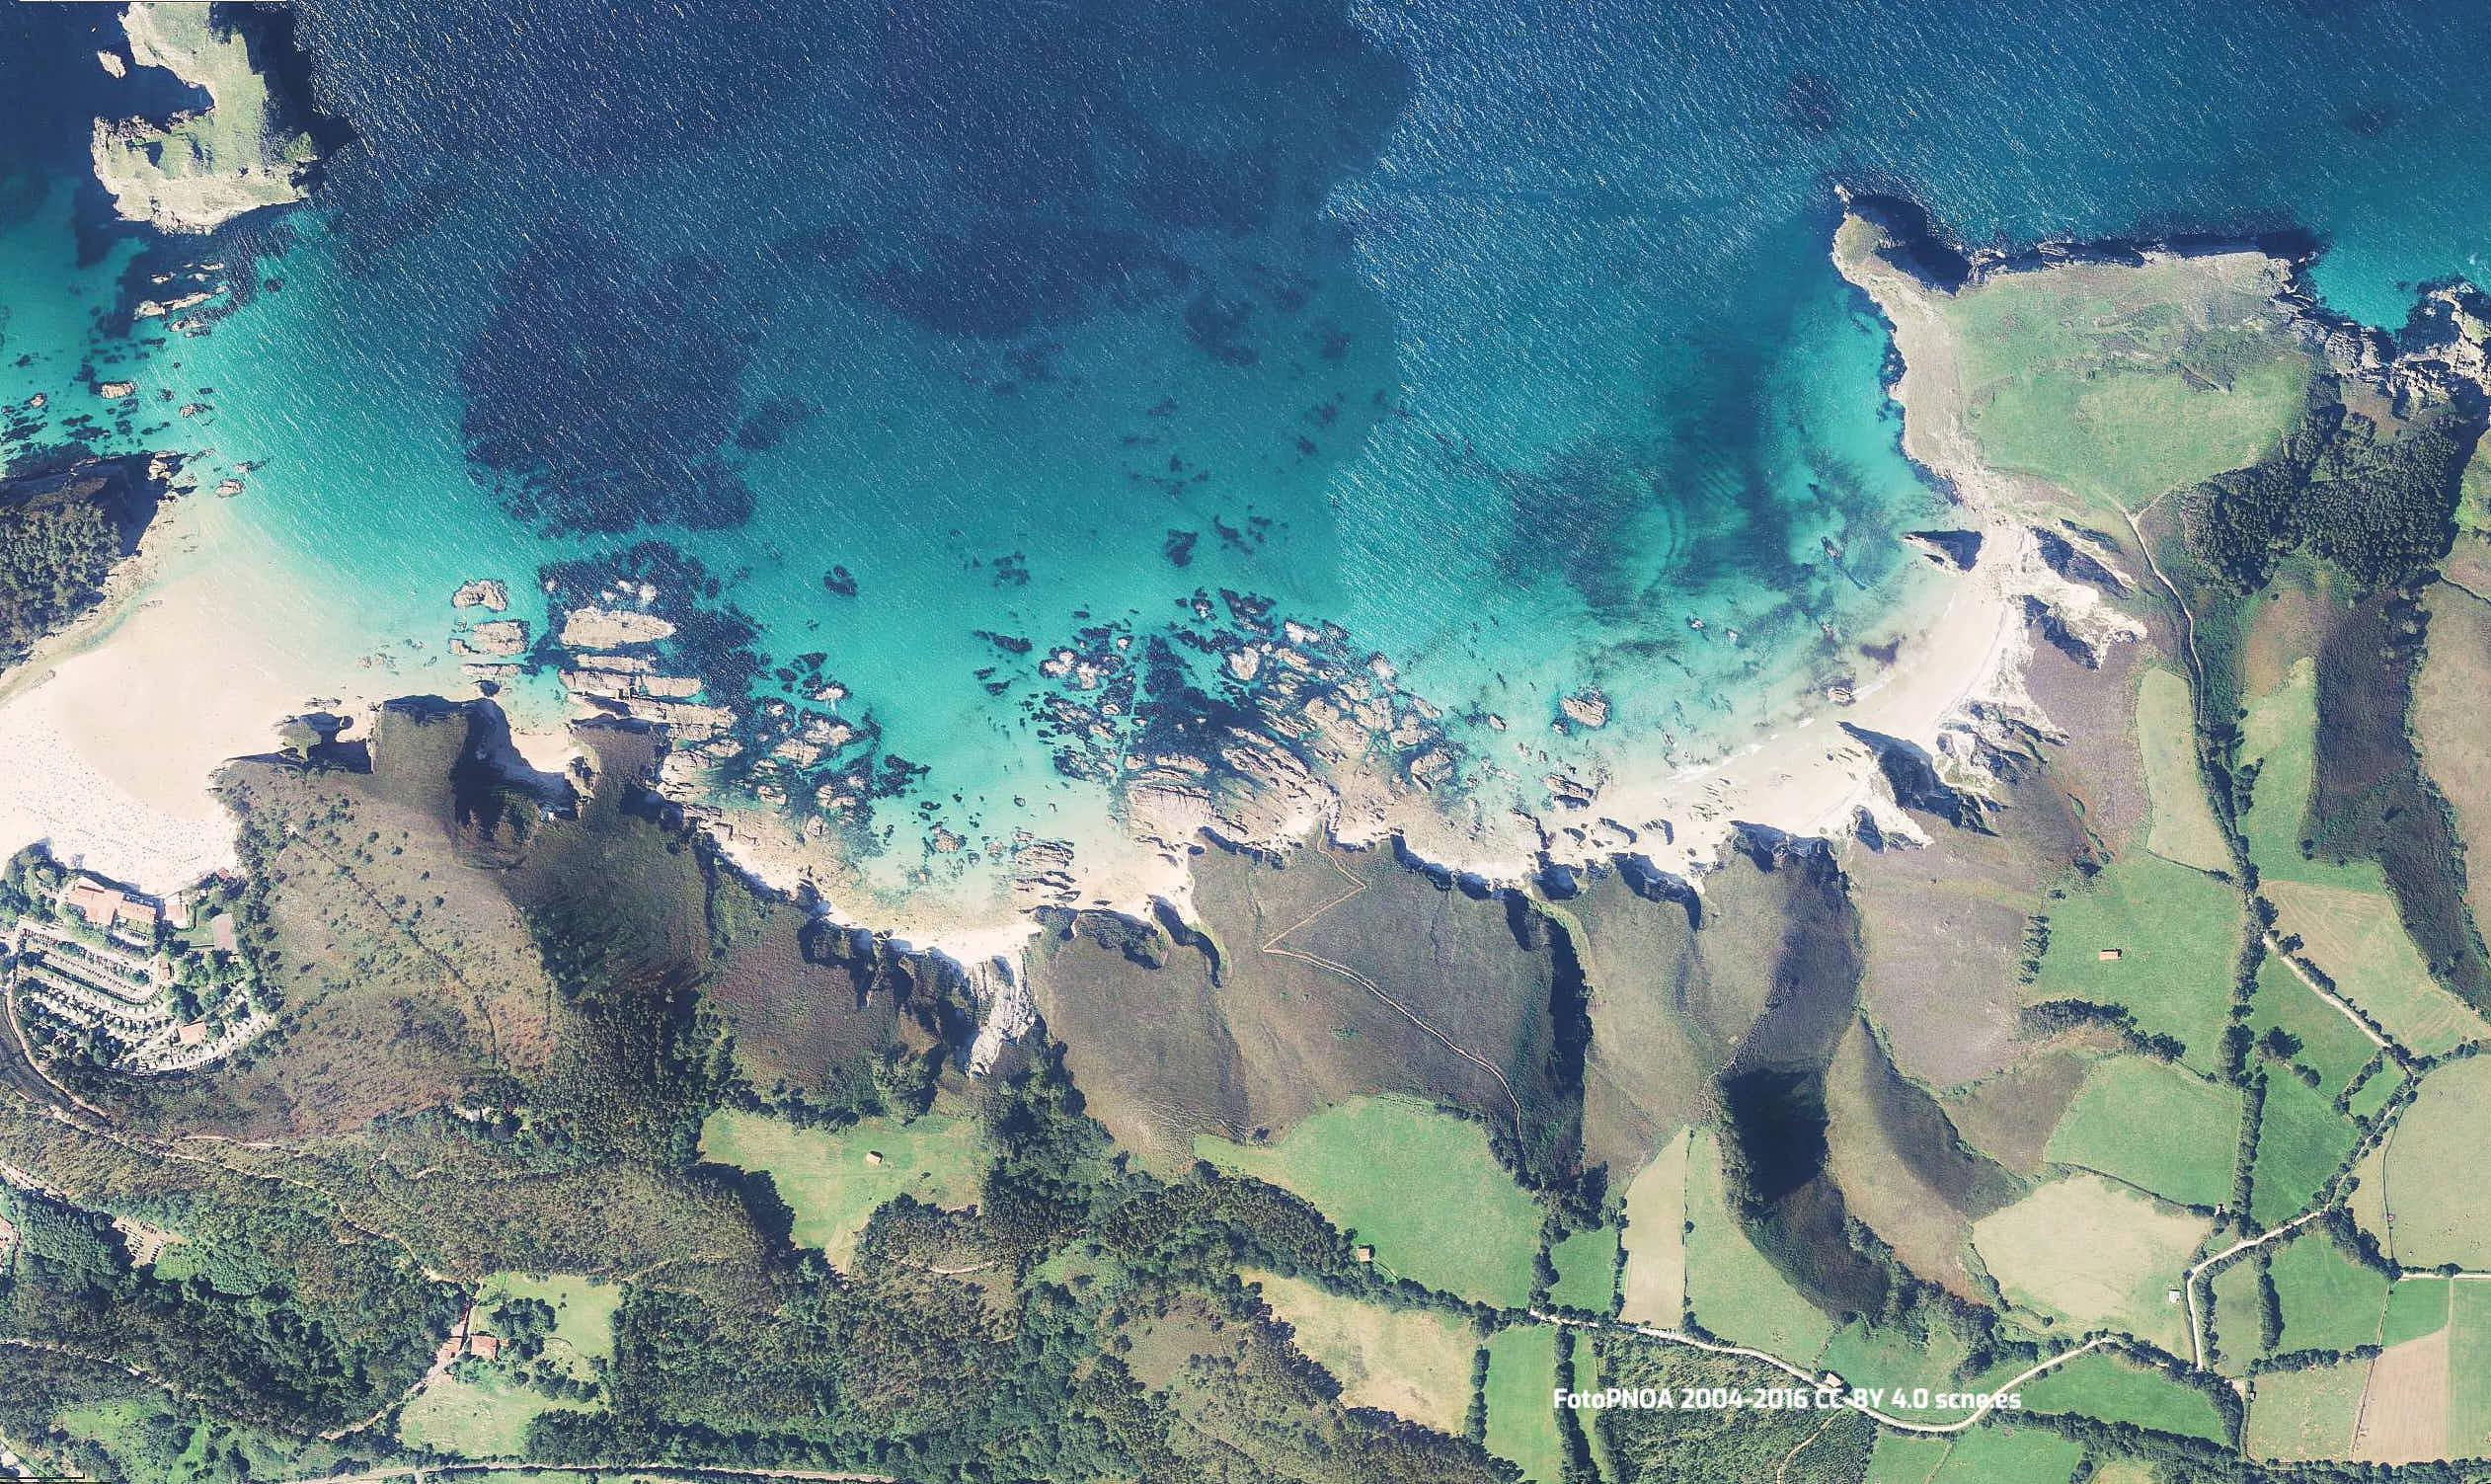 Vista aerea de la playa de Mendia en Llanes, Asturias